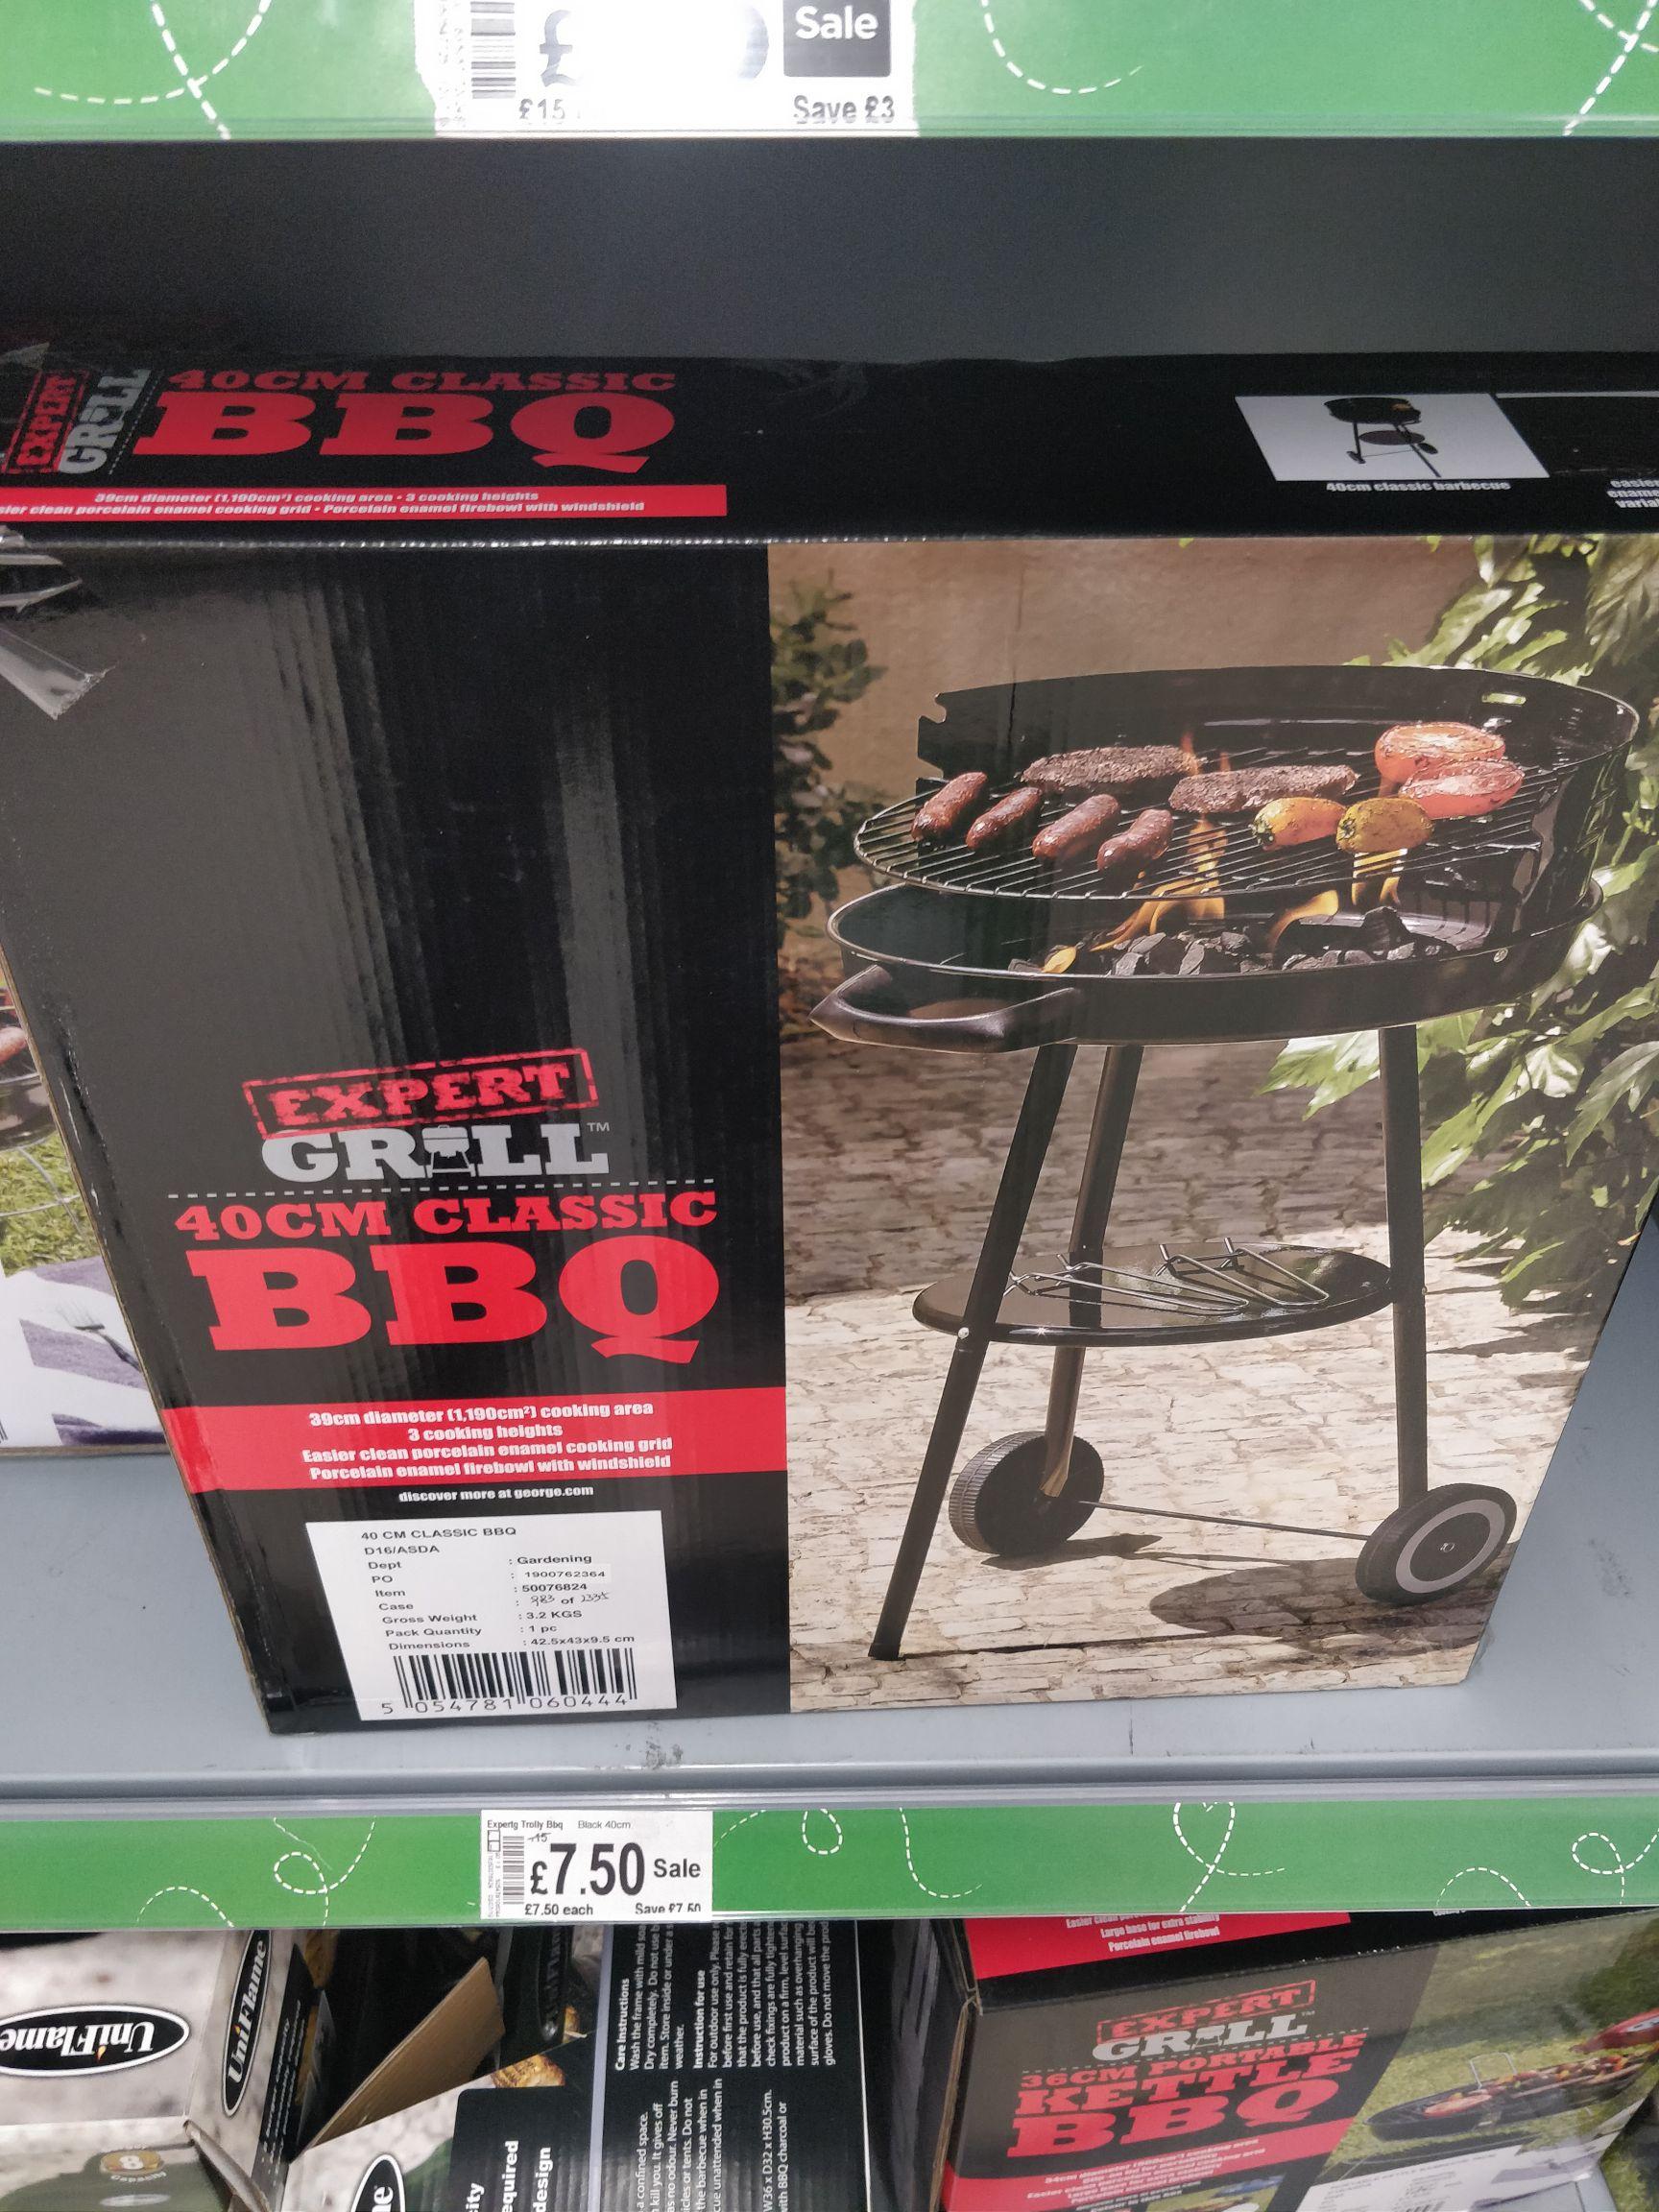 BBQ 40cm - £7.50 @ Asda instore